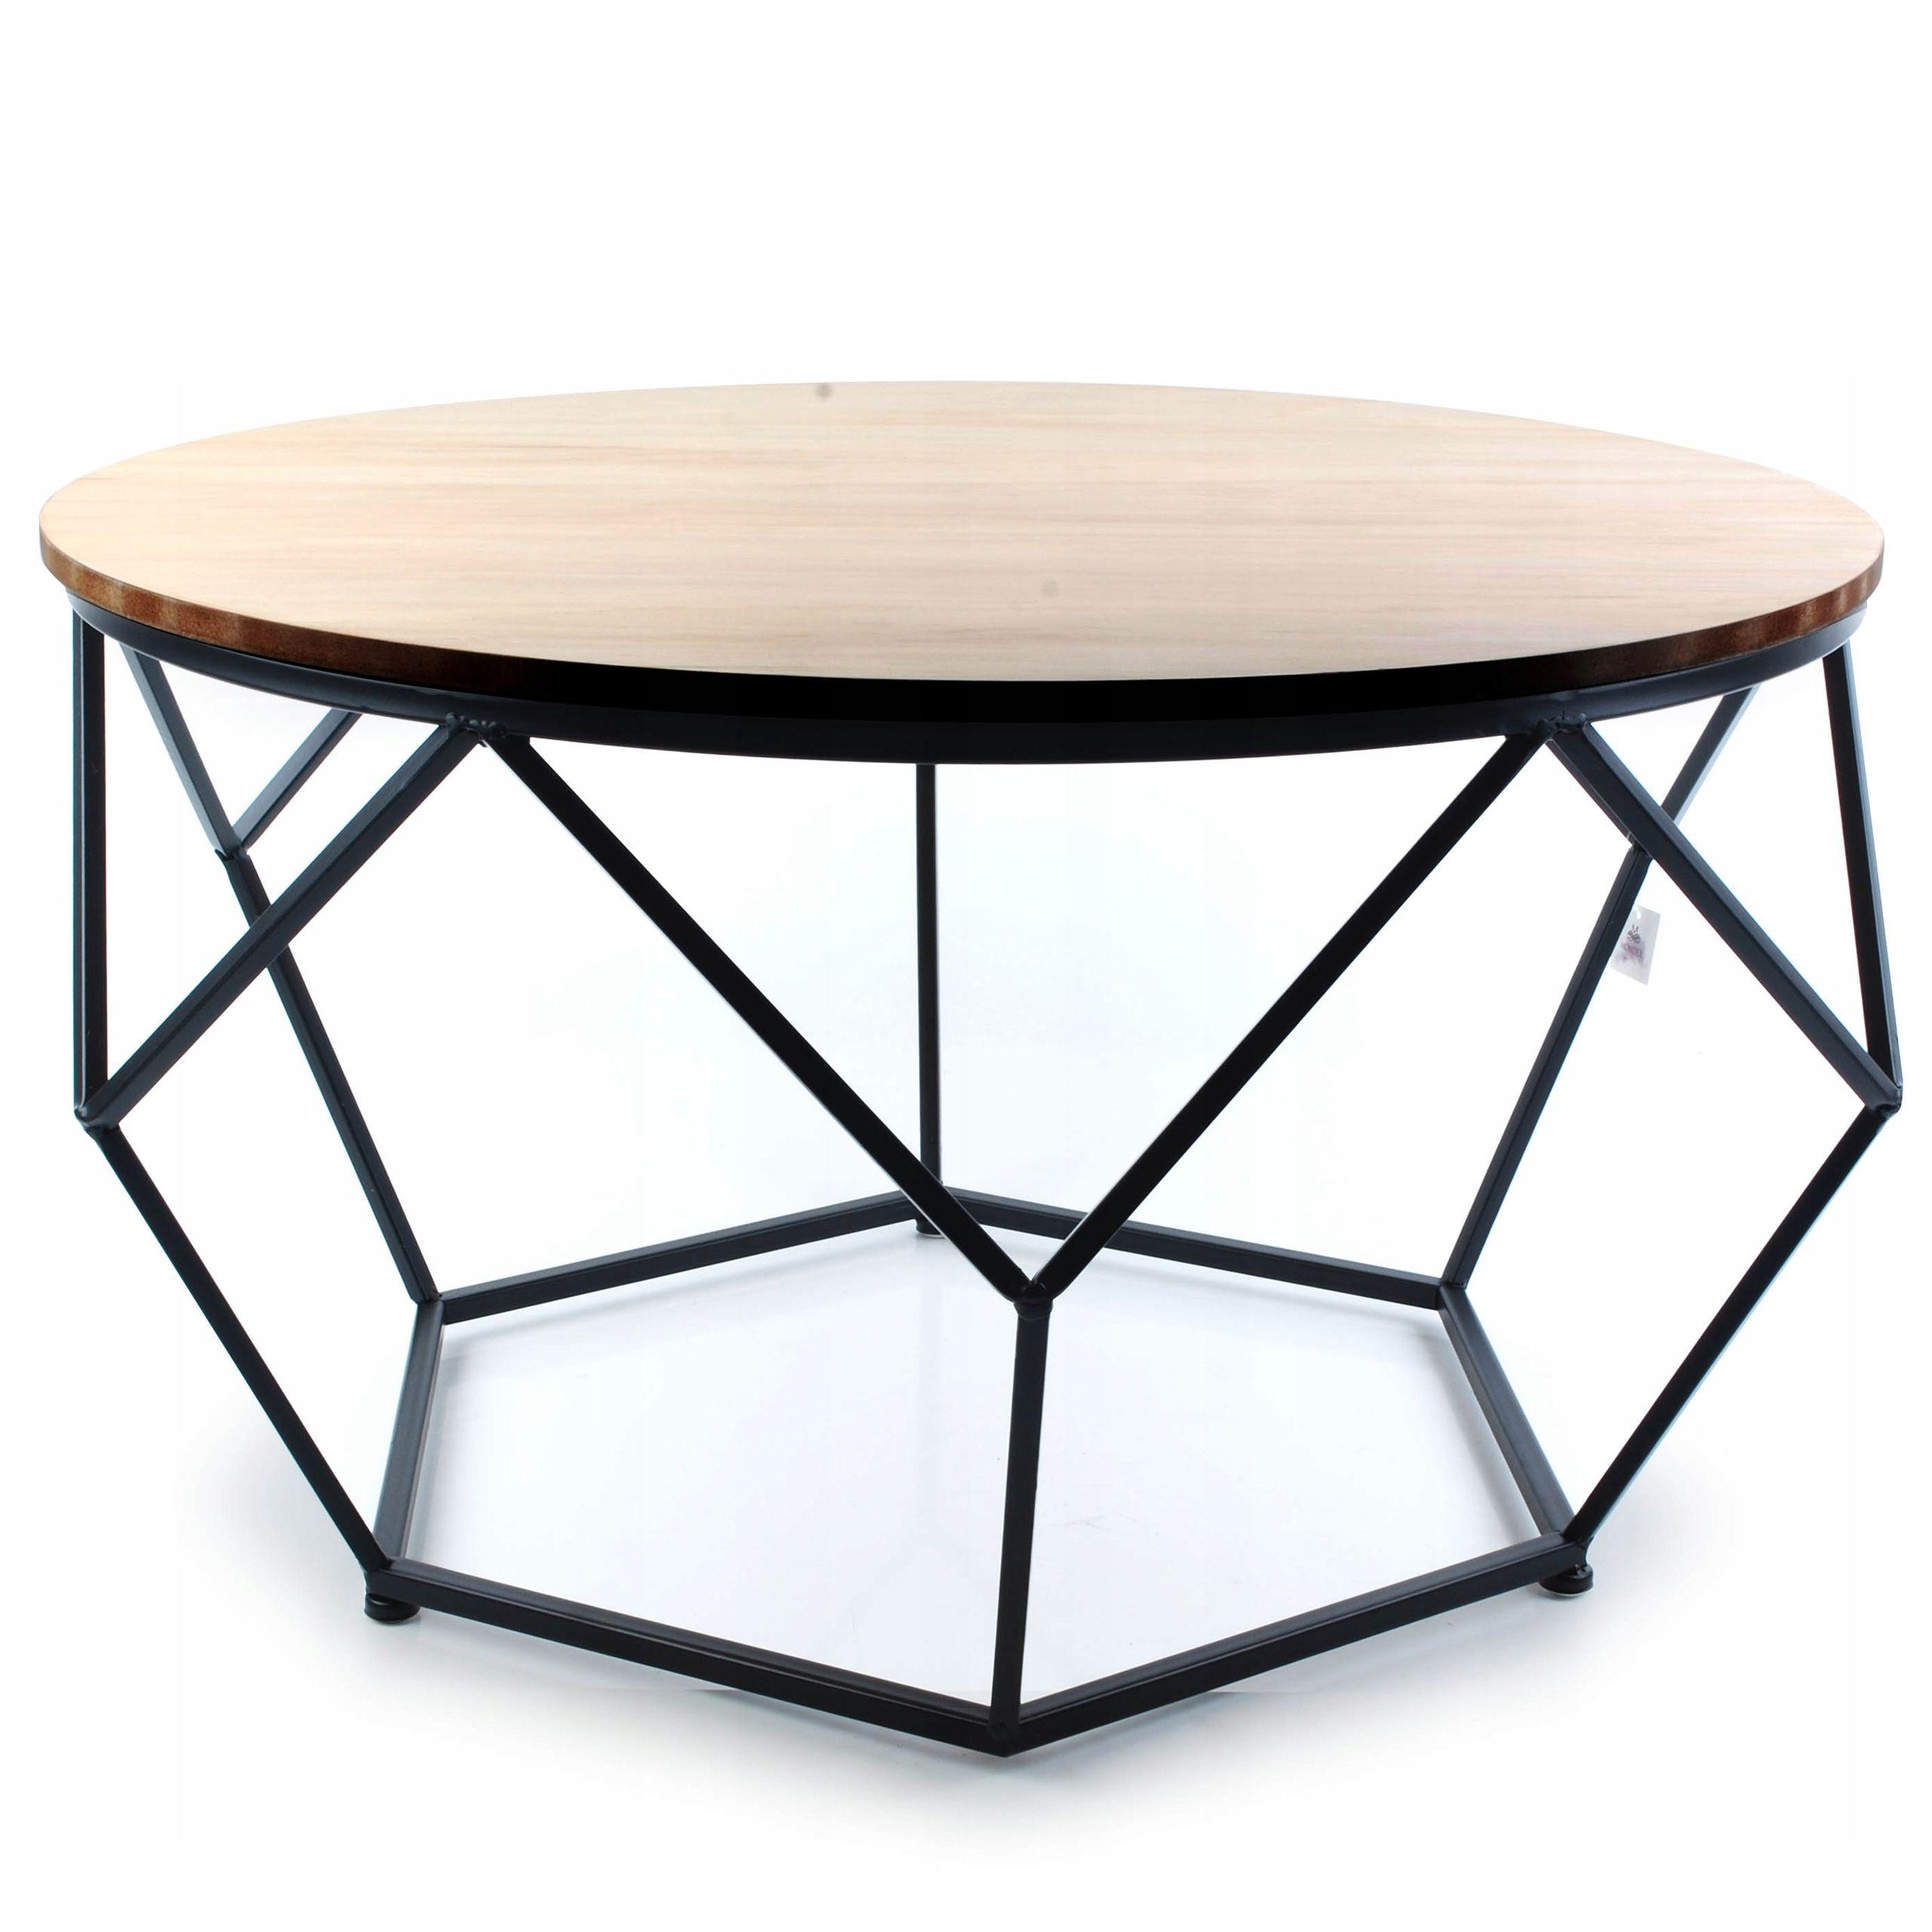 Geometryczny Stol Stolik Kawowy Nowoczesny Duzy 7789776191 Oficjalne Archiwum Allegro Side Table Table Furniture